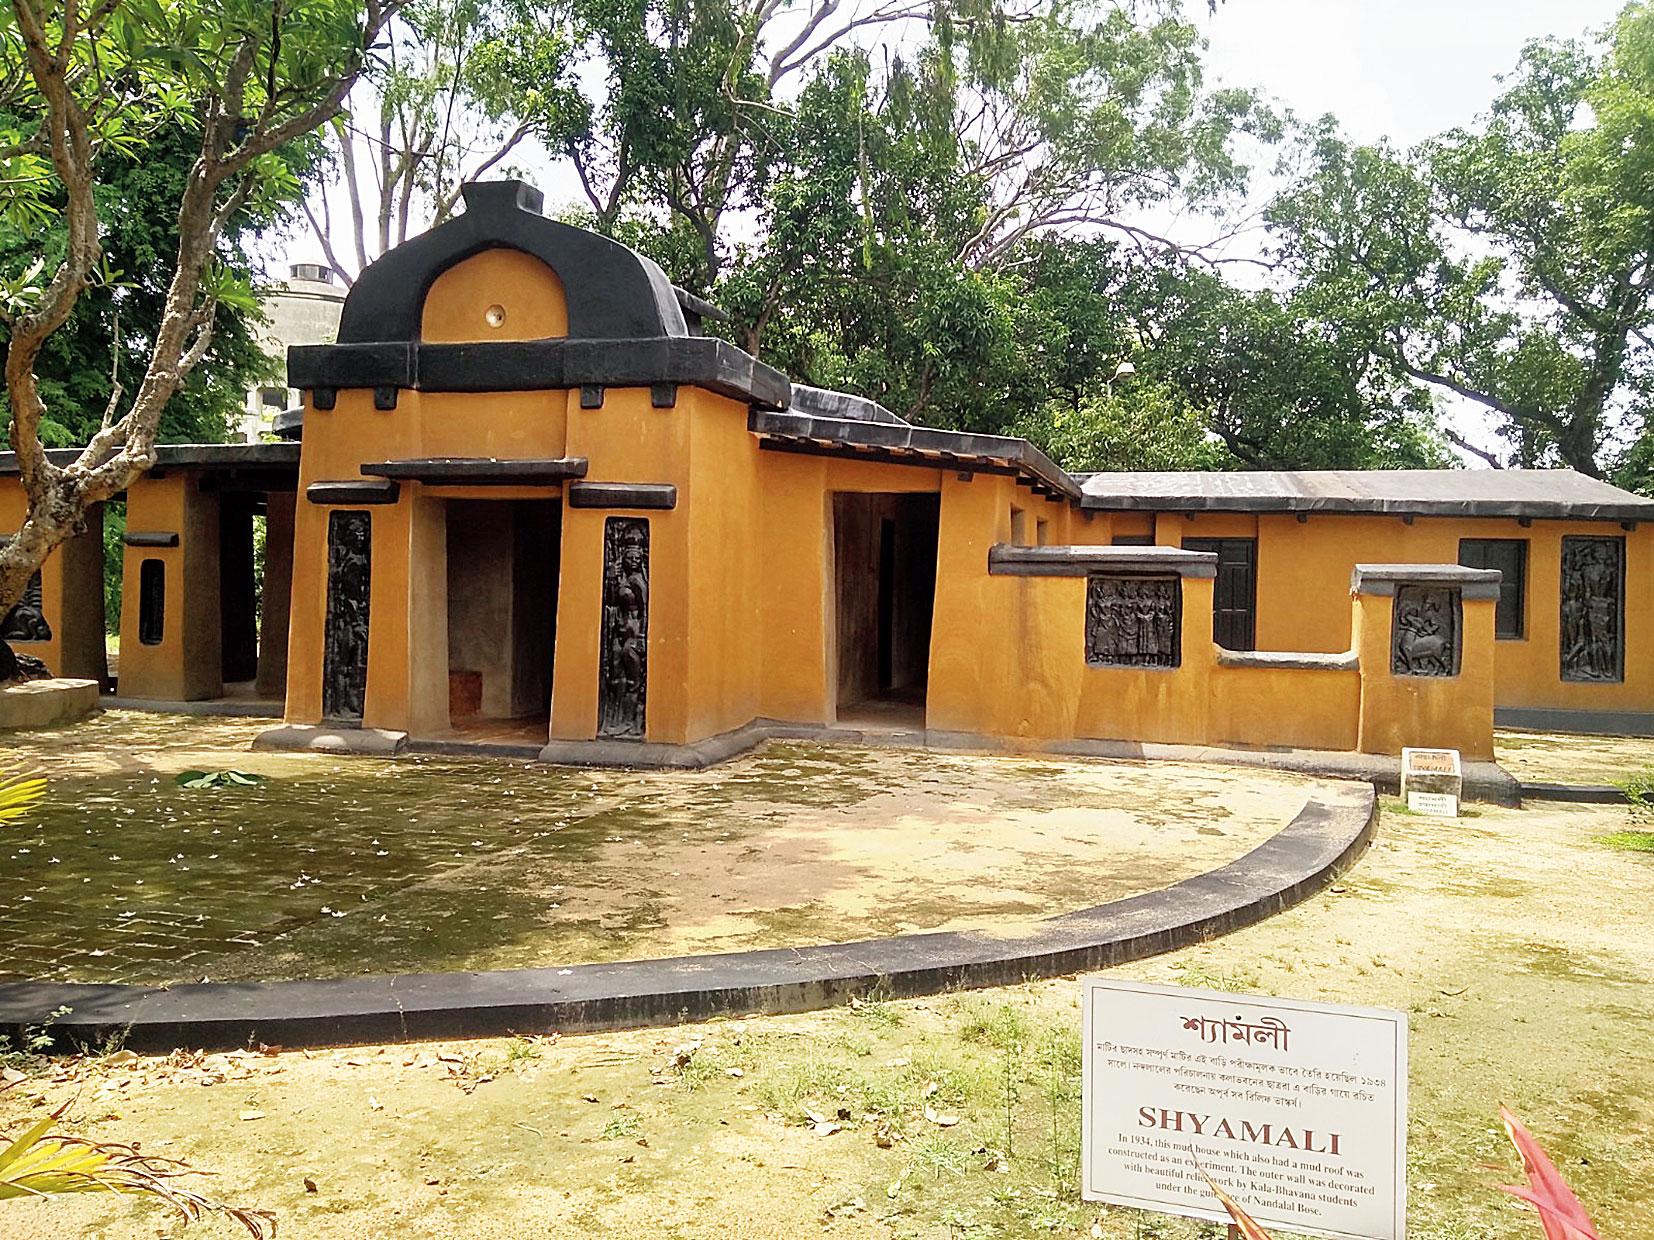 Shyamali after the renovation on Saturday.